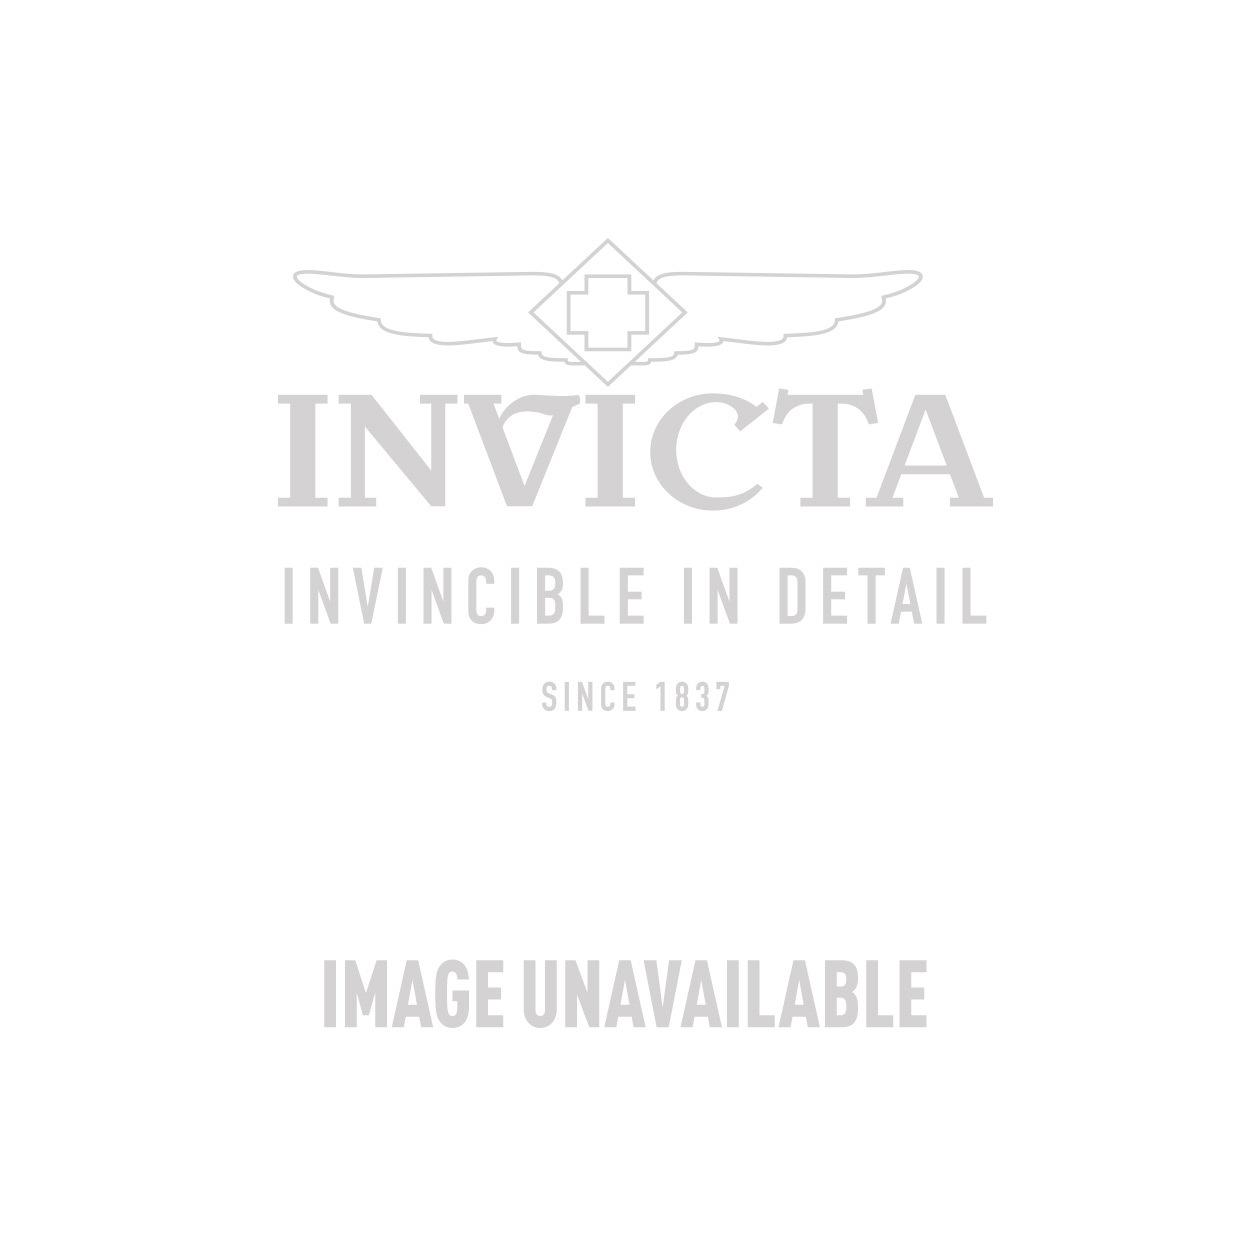 Invicta Model 24497